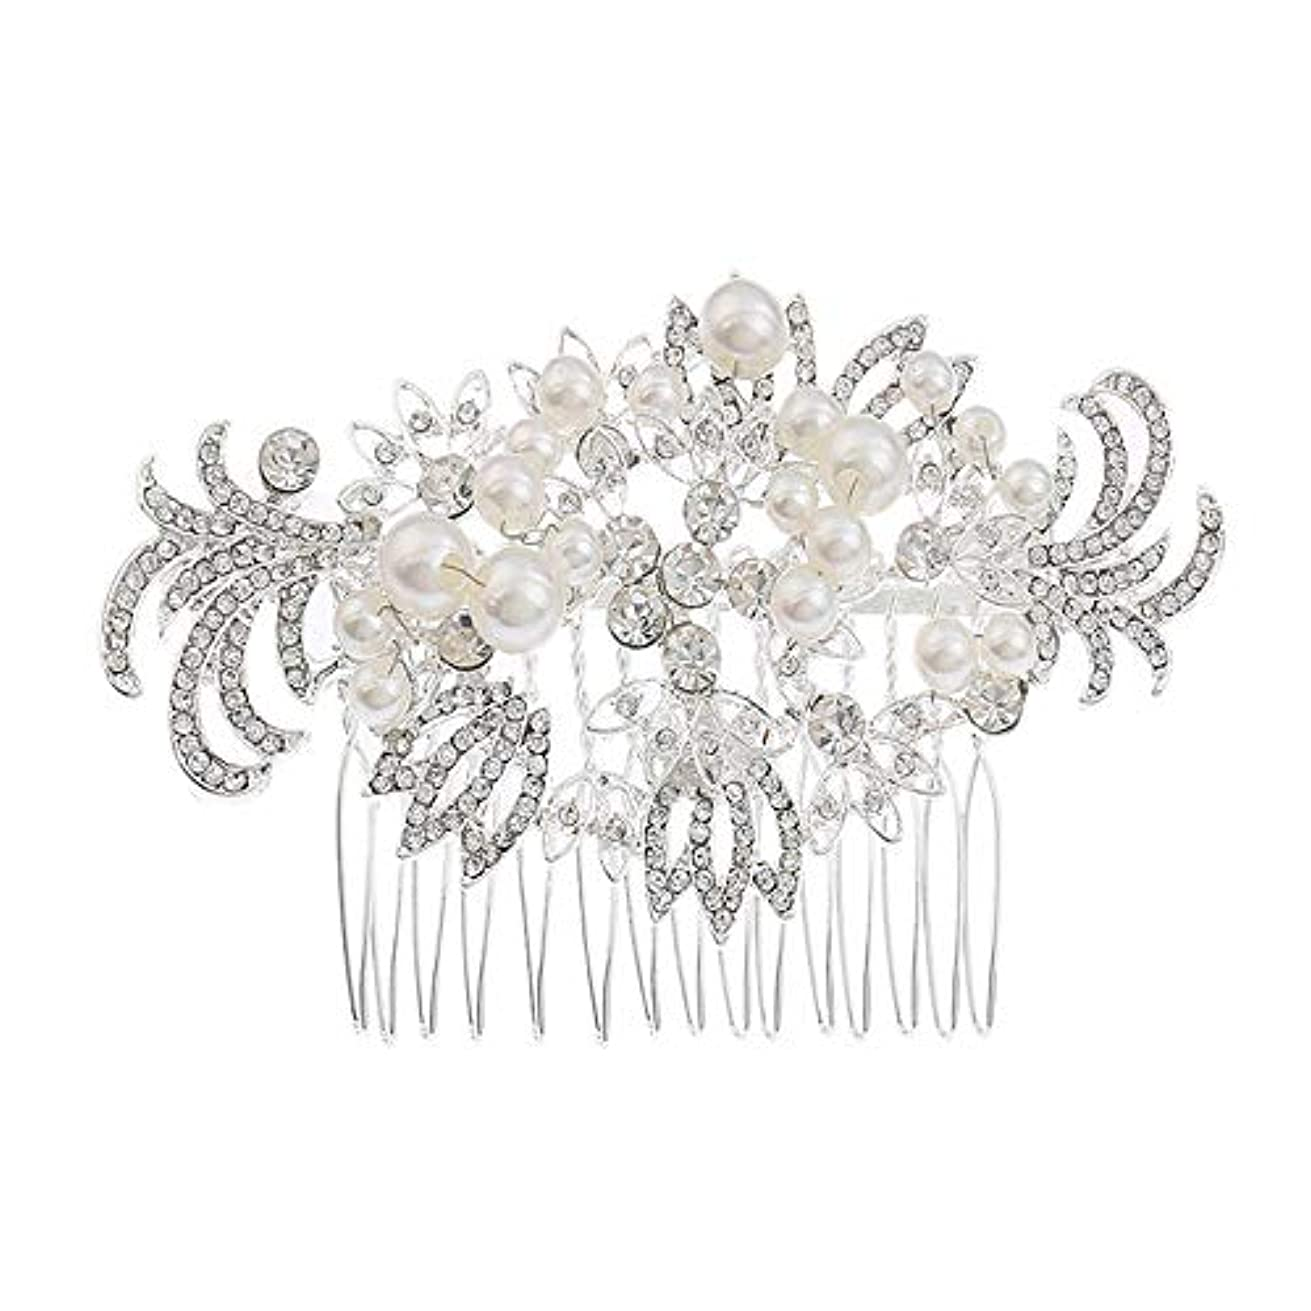 リラックスレキシコン立ち寄る髪の櫛挿入櫛花嫁の髪櫛真珠の髪の櫛ラインストーンの髪の櫛結婚式のヘアアクセサリー合金の帽子ブライダルヘッドドレス